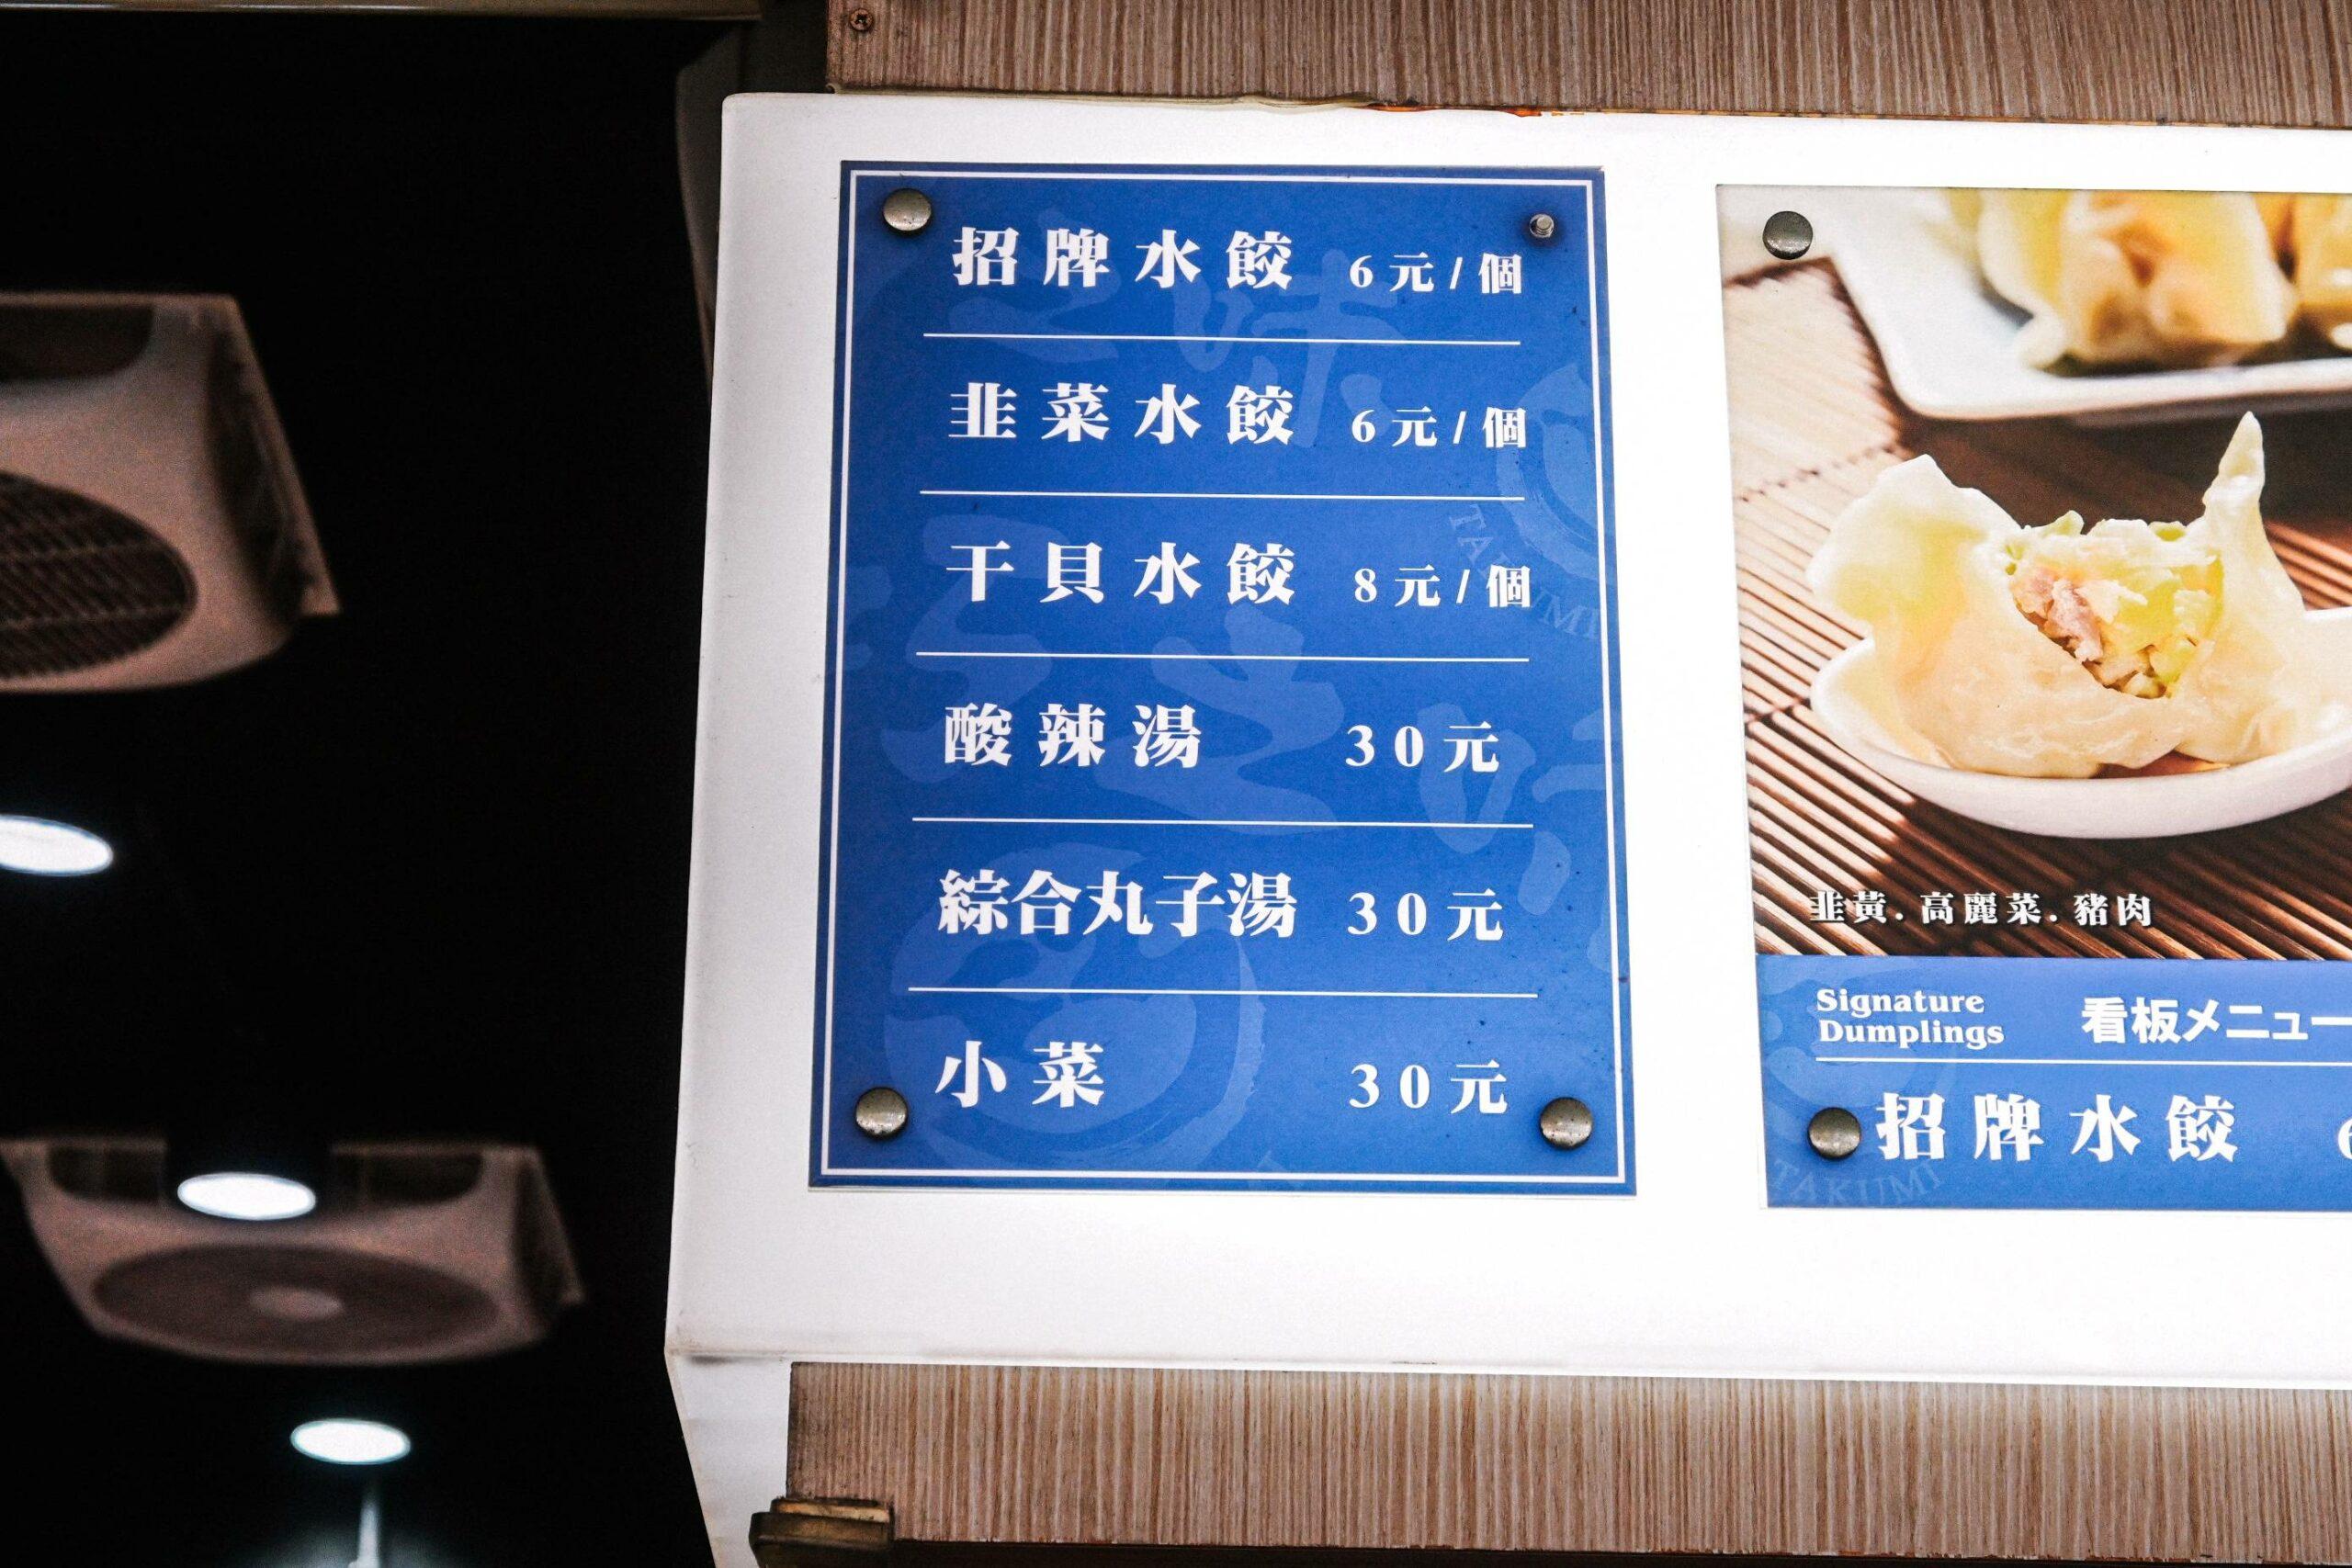 巧之味手工水餃外帶宅配美食:台北超人氣必吃水餃名店,必點上一盤綠色水餃/台北銅板美食【台北美食】 @女子的休假計劃